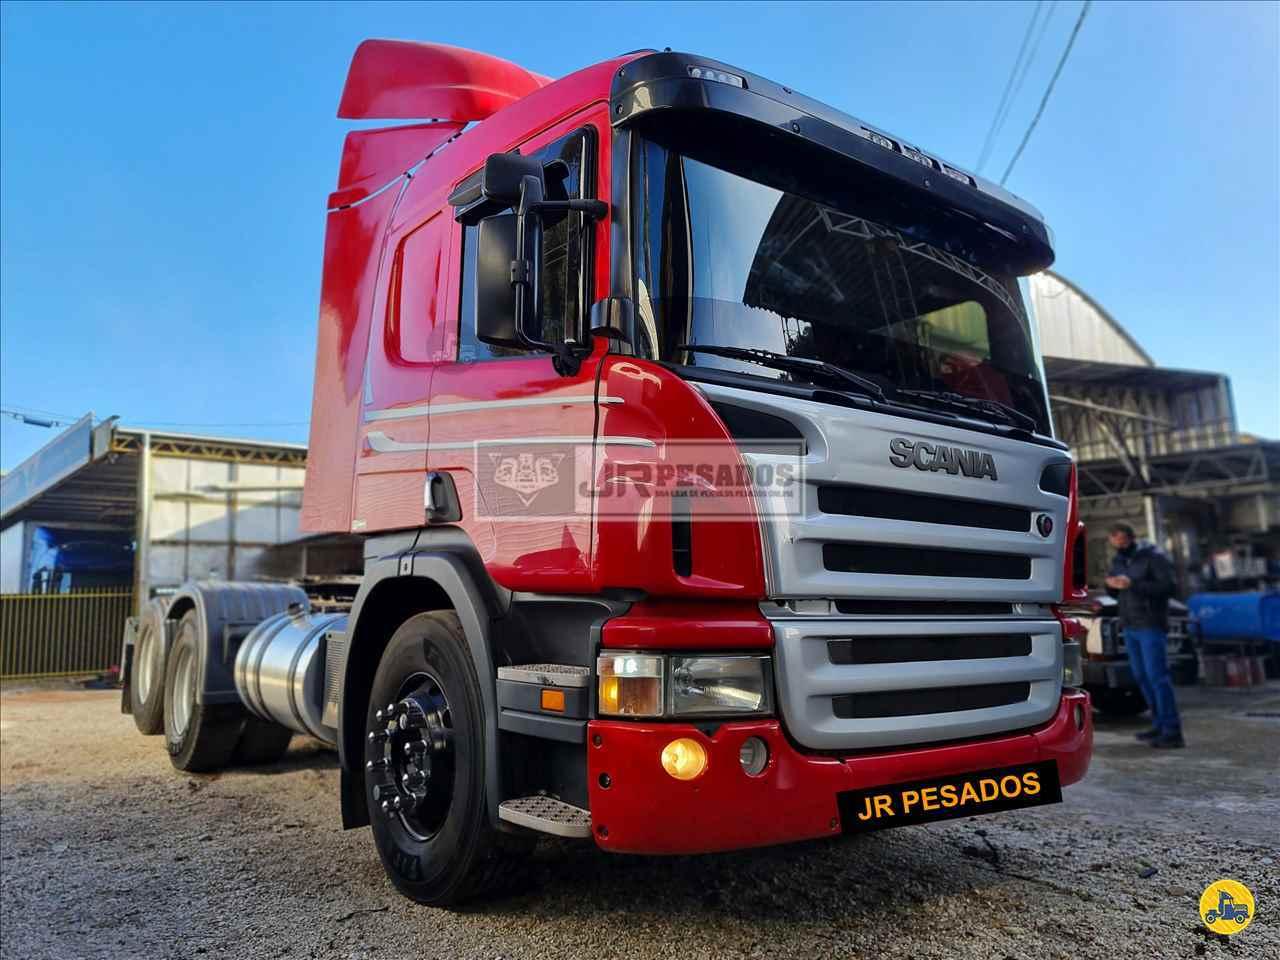 CAMINHAO SCANIA SCANIA 340 Cavalo Mecânico Truck 6x2 JR Pesados CURITIBA PARANÁ PR